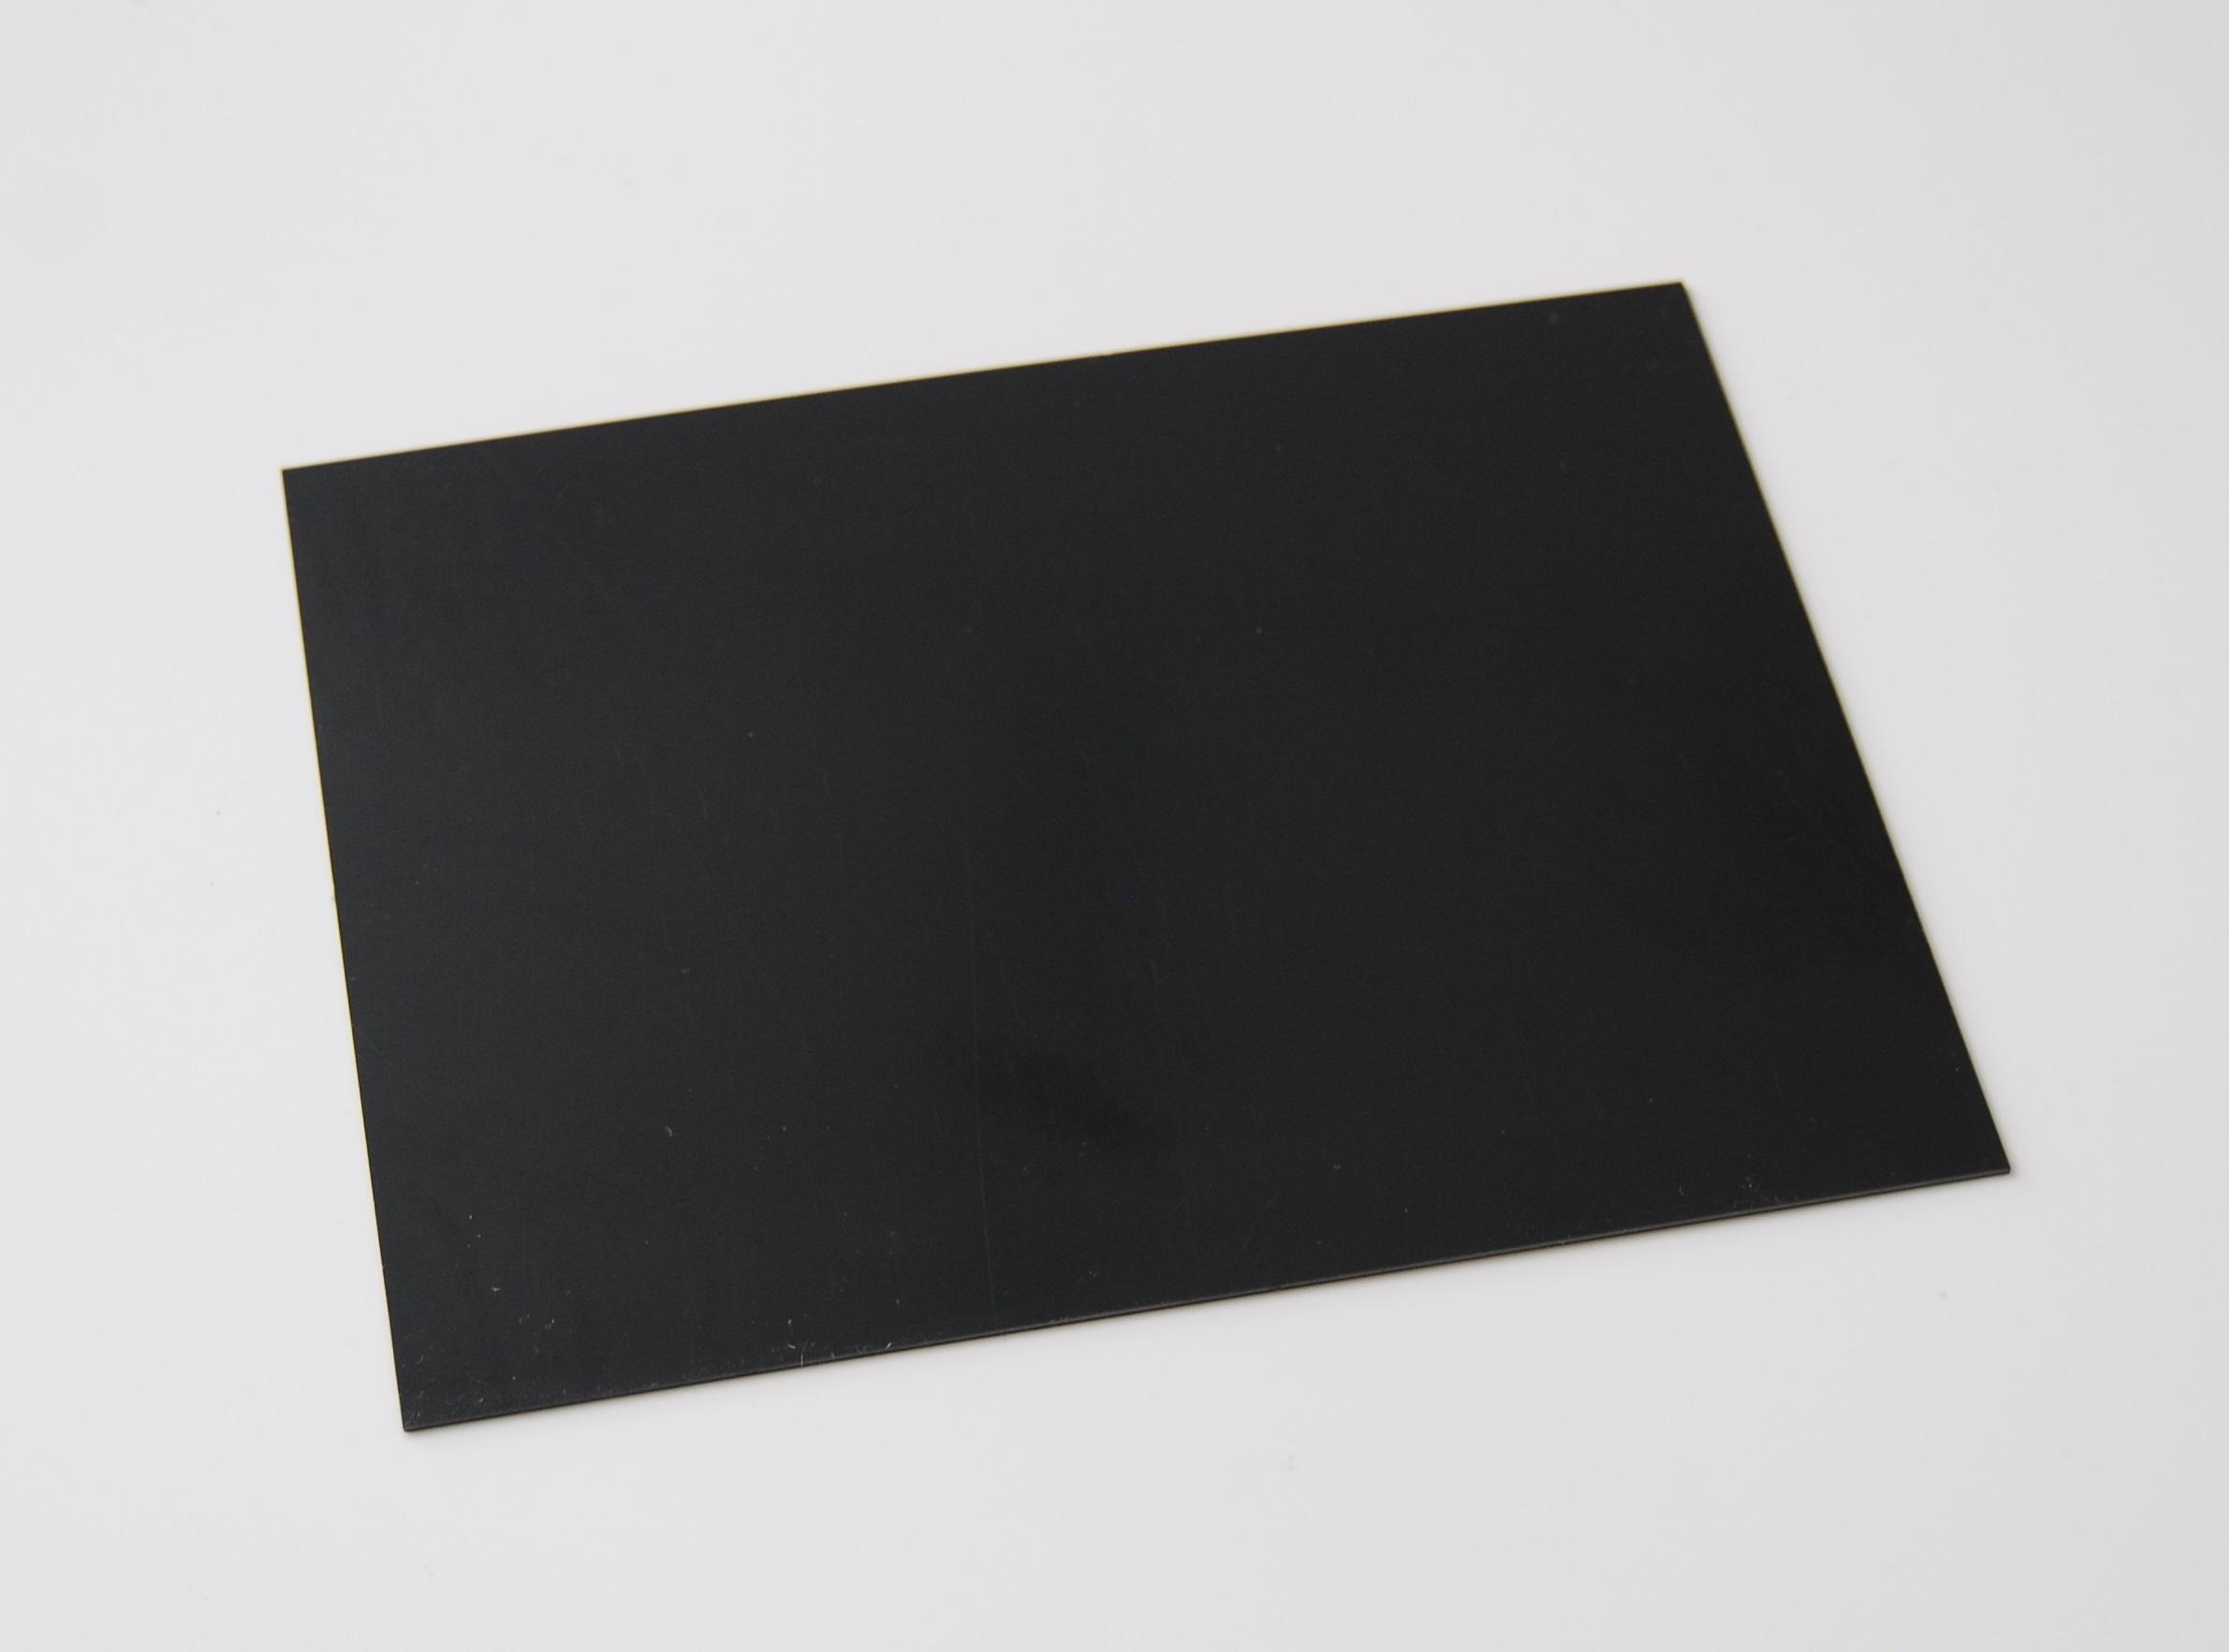 polystyrol tafel schwarz 2000 x 1000 mm. Black Bedroom Furniture Sets. Home Design Ideas